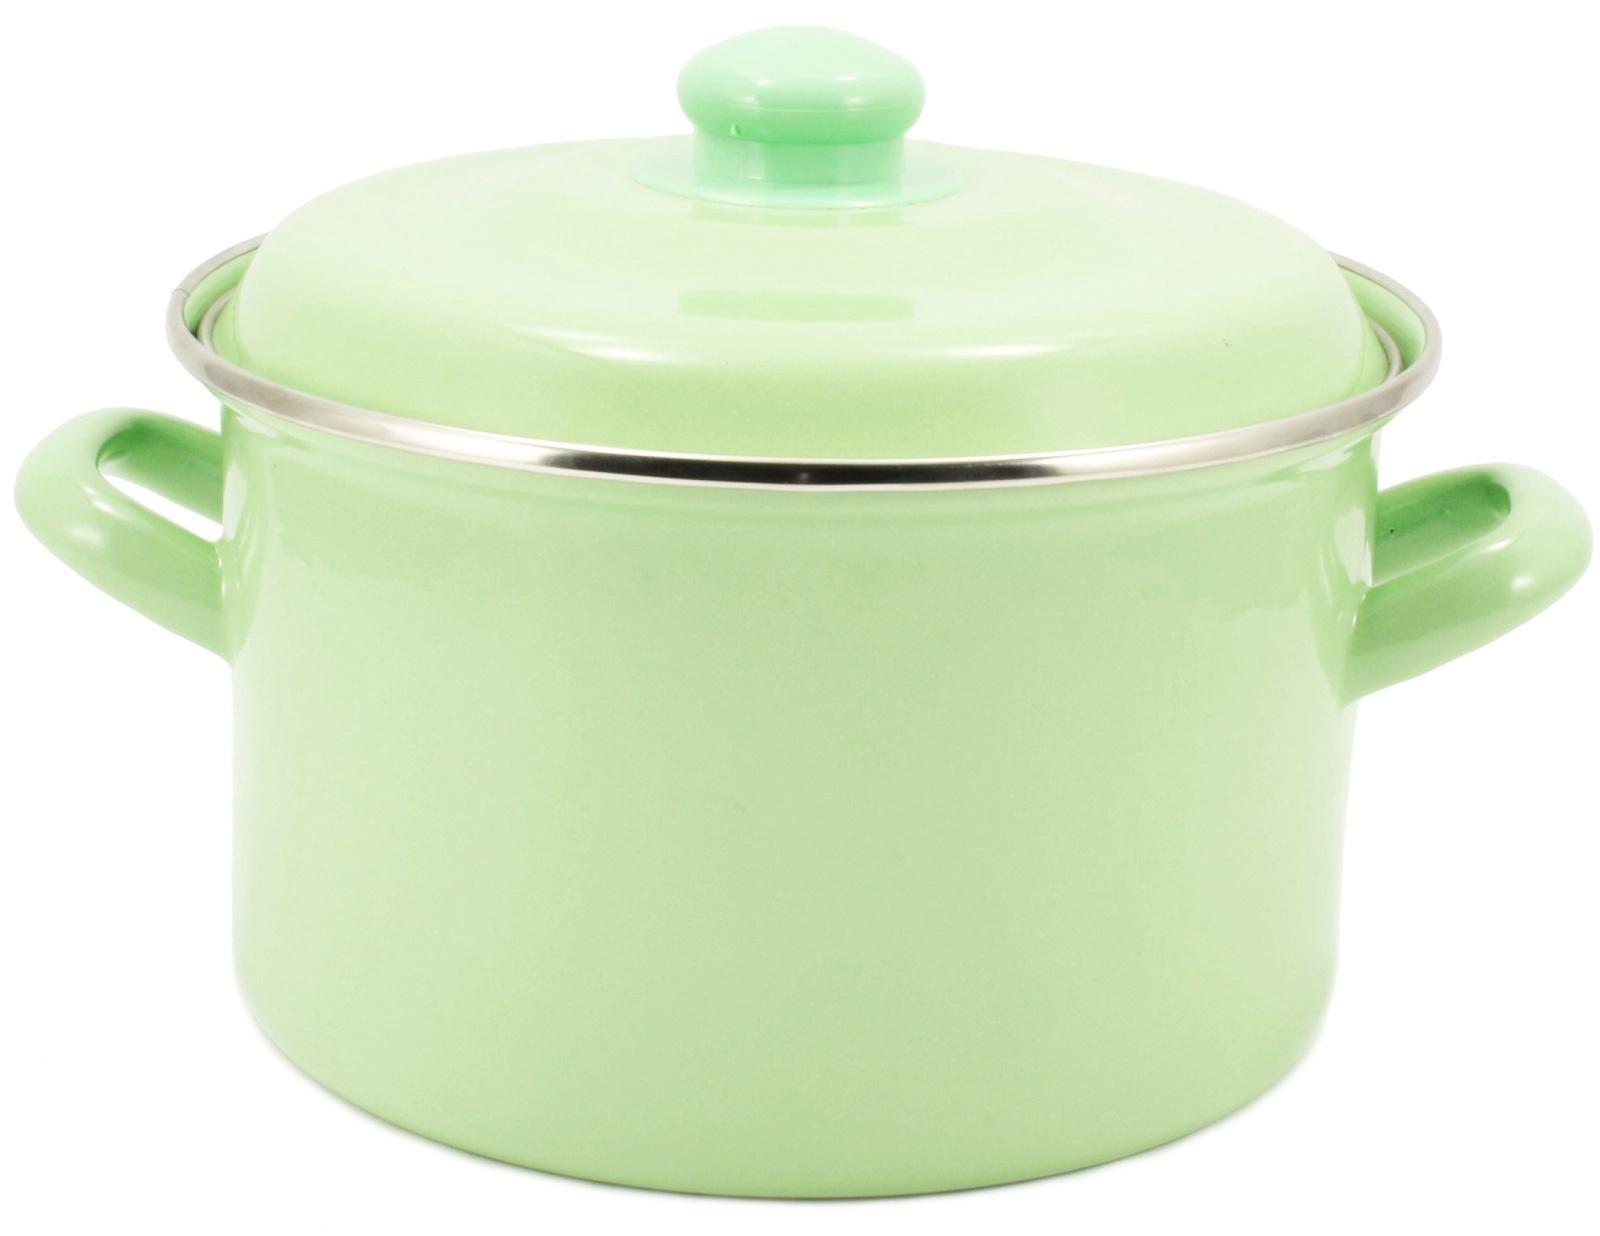 Фото - Кастрюля Interos МЯТА 3,7 литра с металлической крышкой, светло-зеленый посуда для приготовления пищи